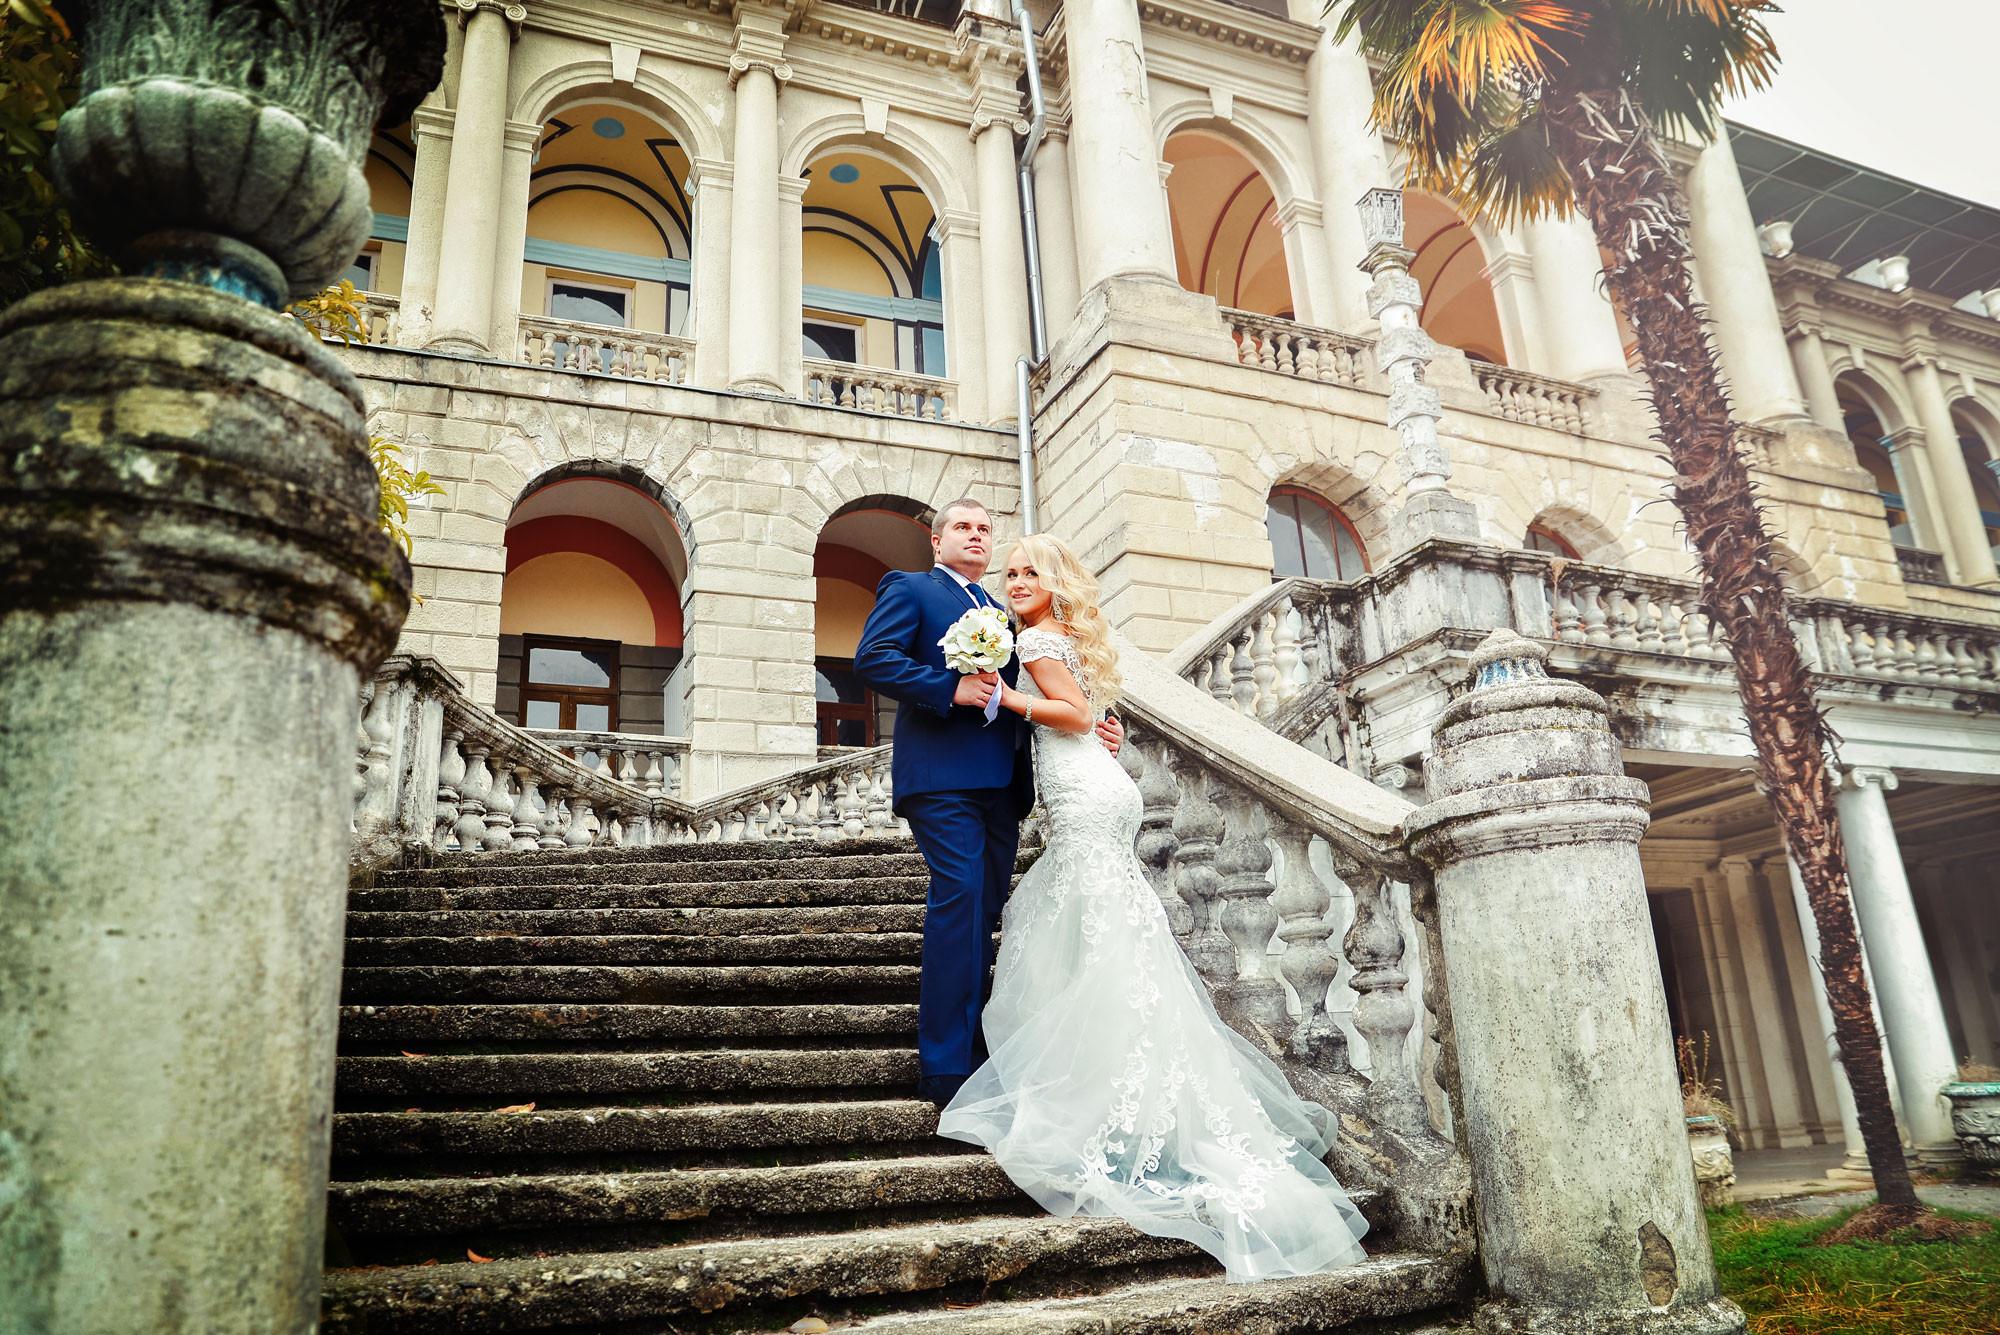 куйбышевской водокачки сочи фотосъемка на свадьбу обитающие